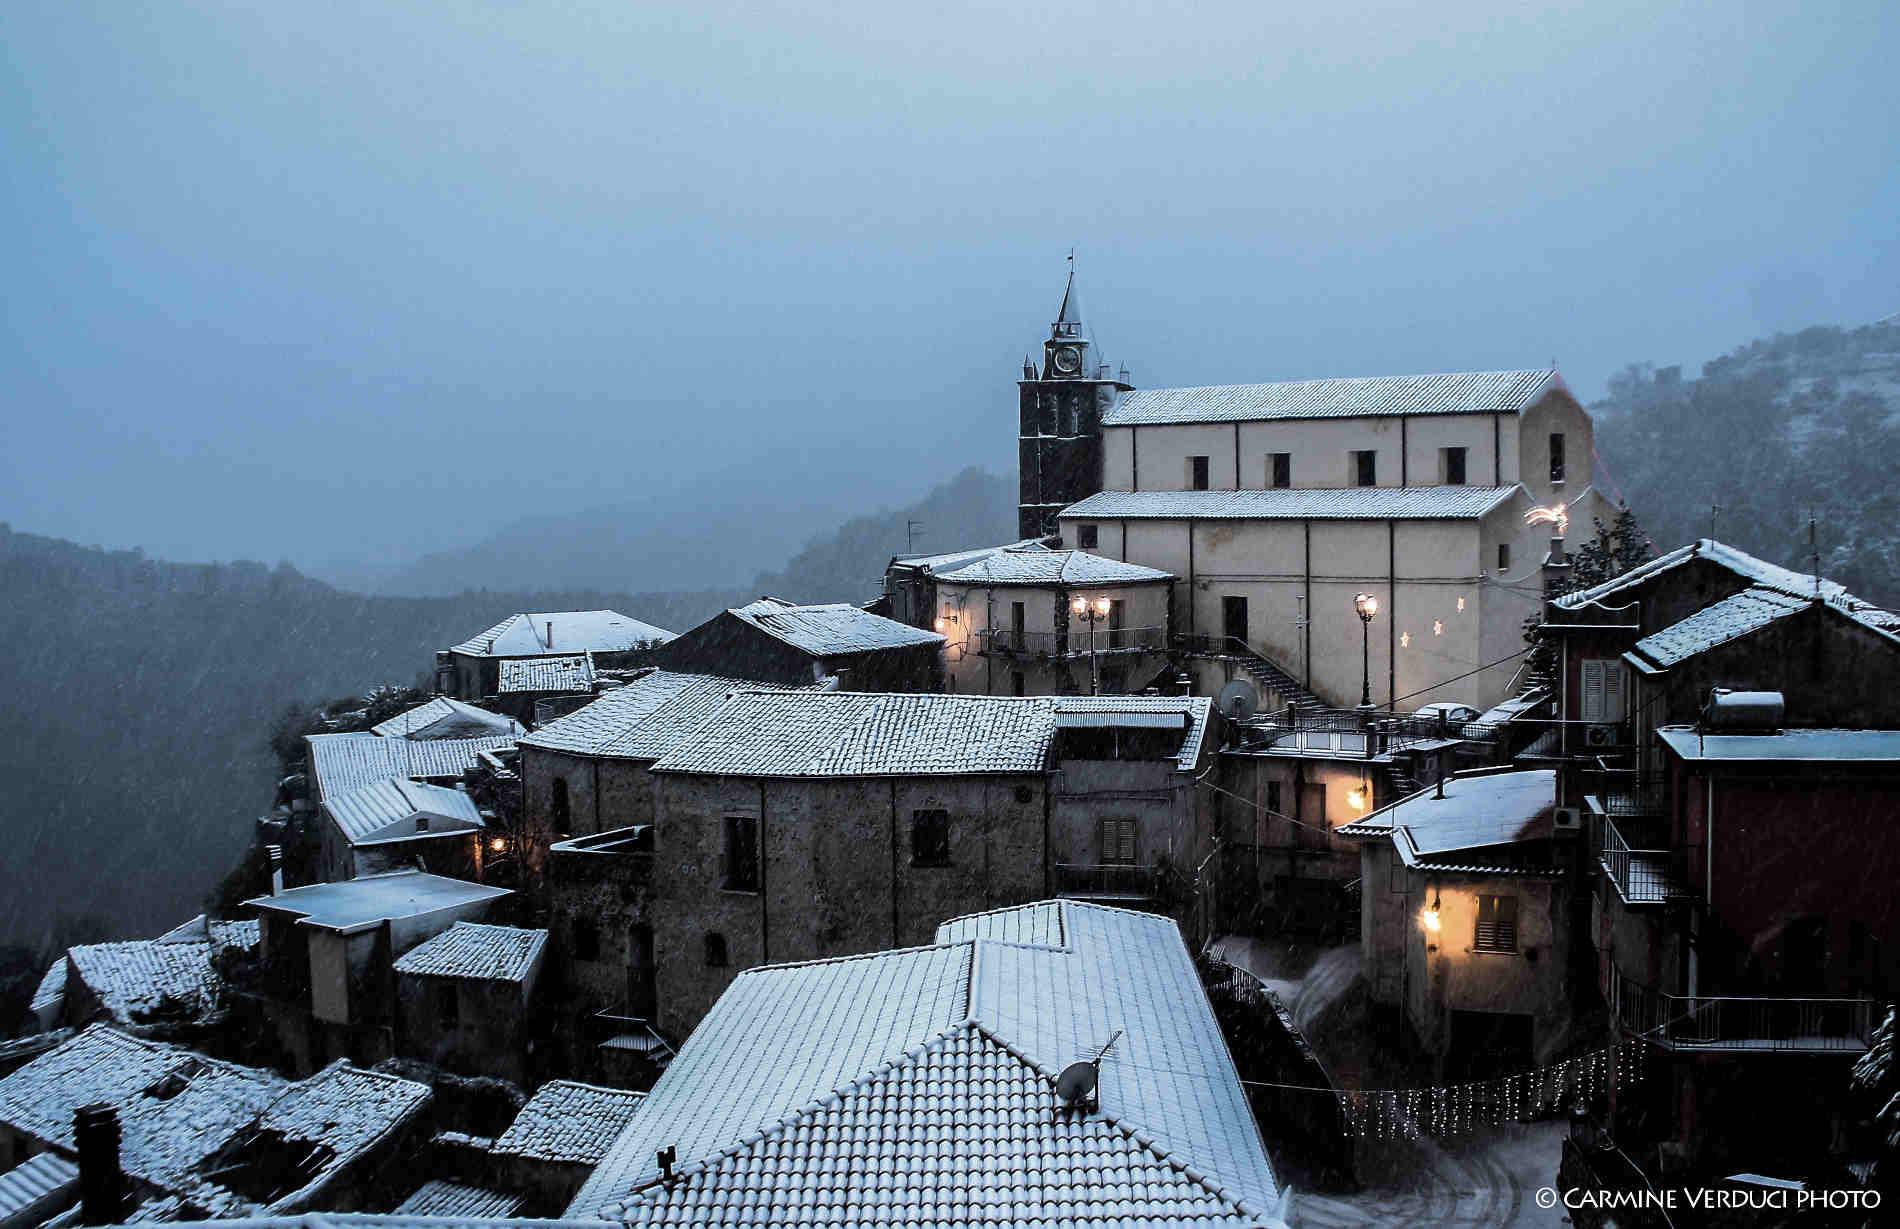 Perchè visitare il borgo di Staiti in ogni stagione anche con la neve